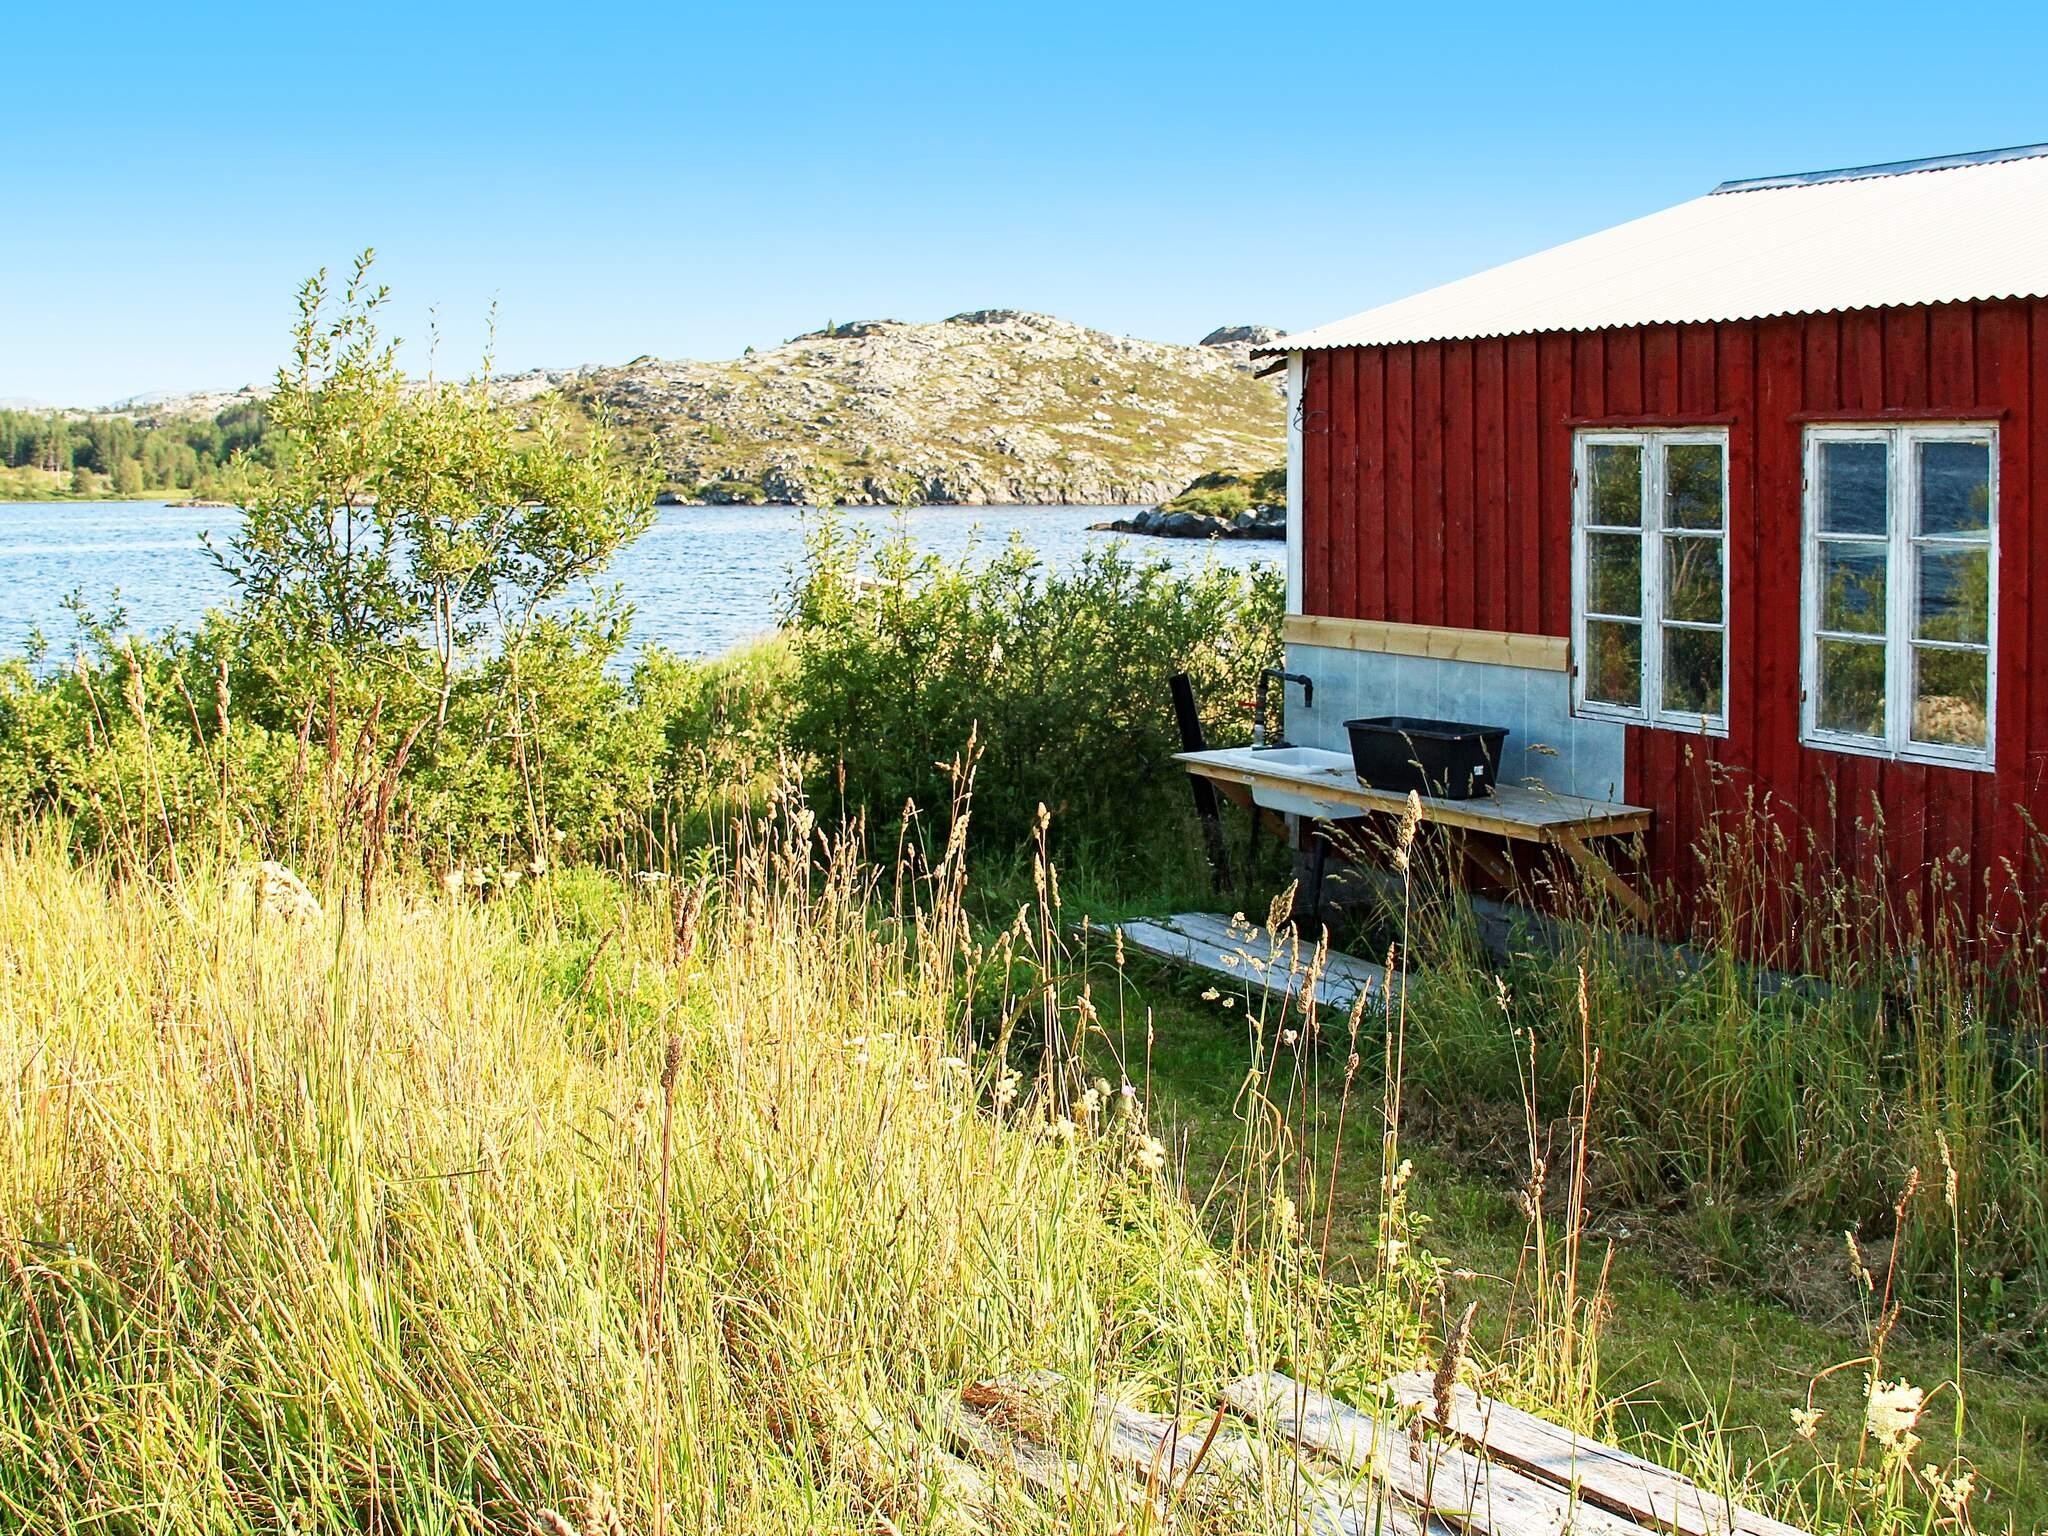 Ferienhaus Levikan (921089), Kvenvær, Tröndelag Süd - Trondheimfjord Süd, Mittelnorwegen, Norwegen, Bild 21